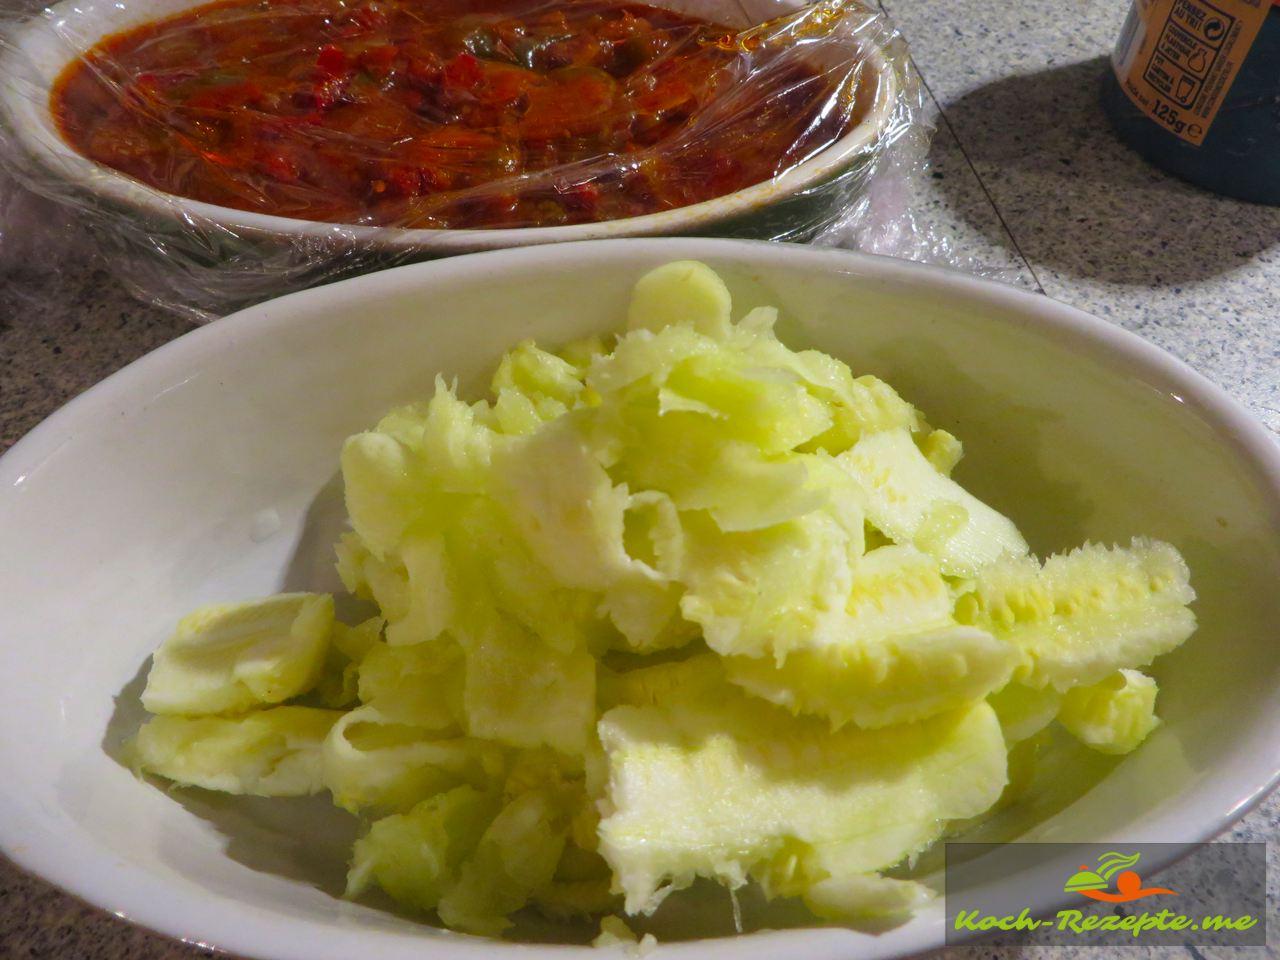 gefüllte Zucchini überbacken auf Paprikagemüse, Rezept mit französischer Bratwurst. Ausgelöffelte Fruchtfleisch der Zucchini